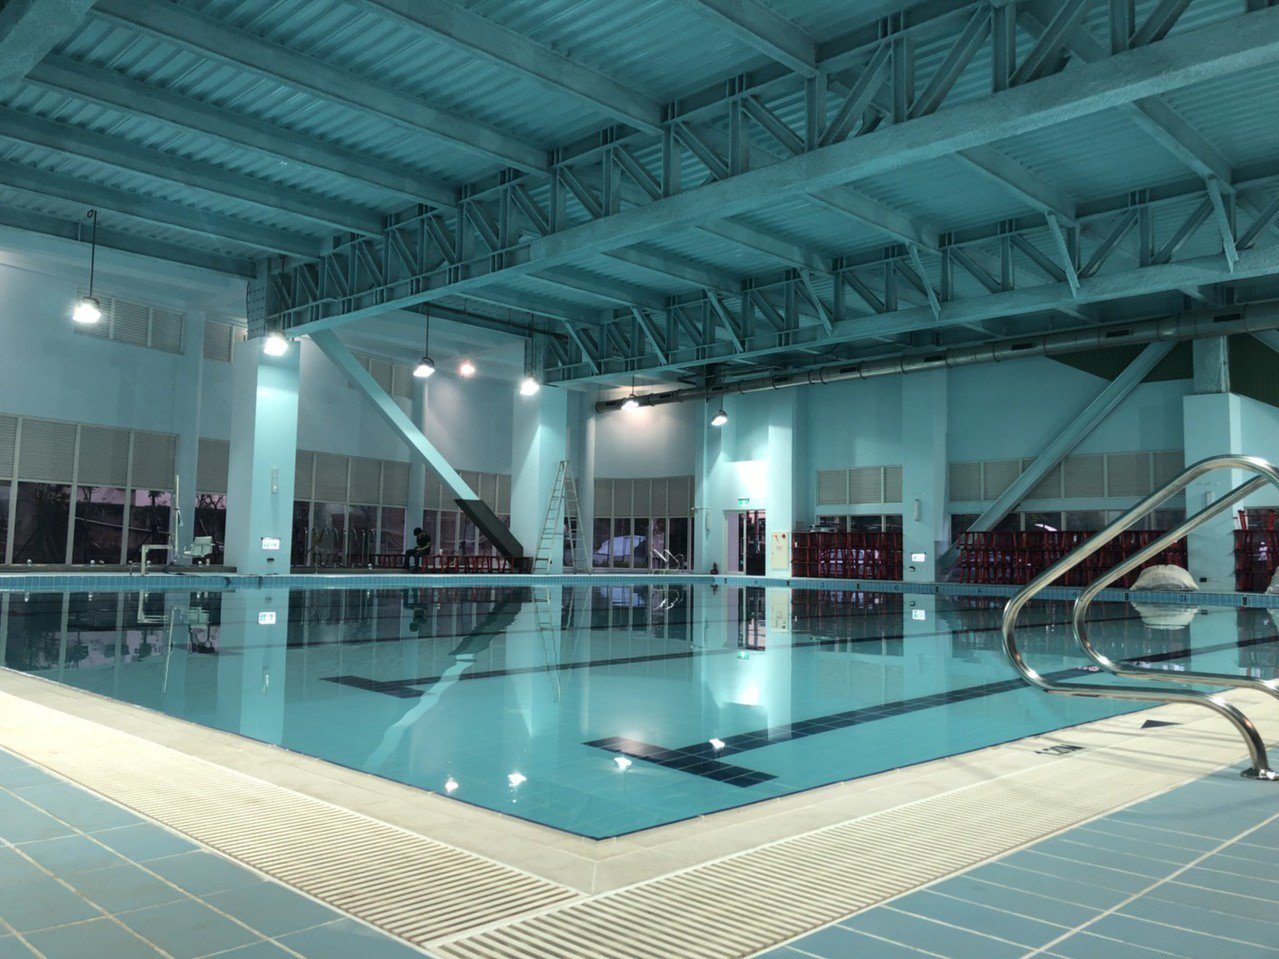 嘉義市國民運動中心的游泳池屬自來水、溫水游泳池。記者王慧瑛/攝影